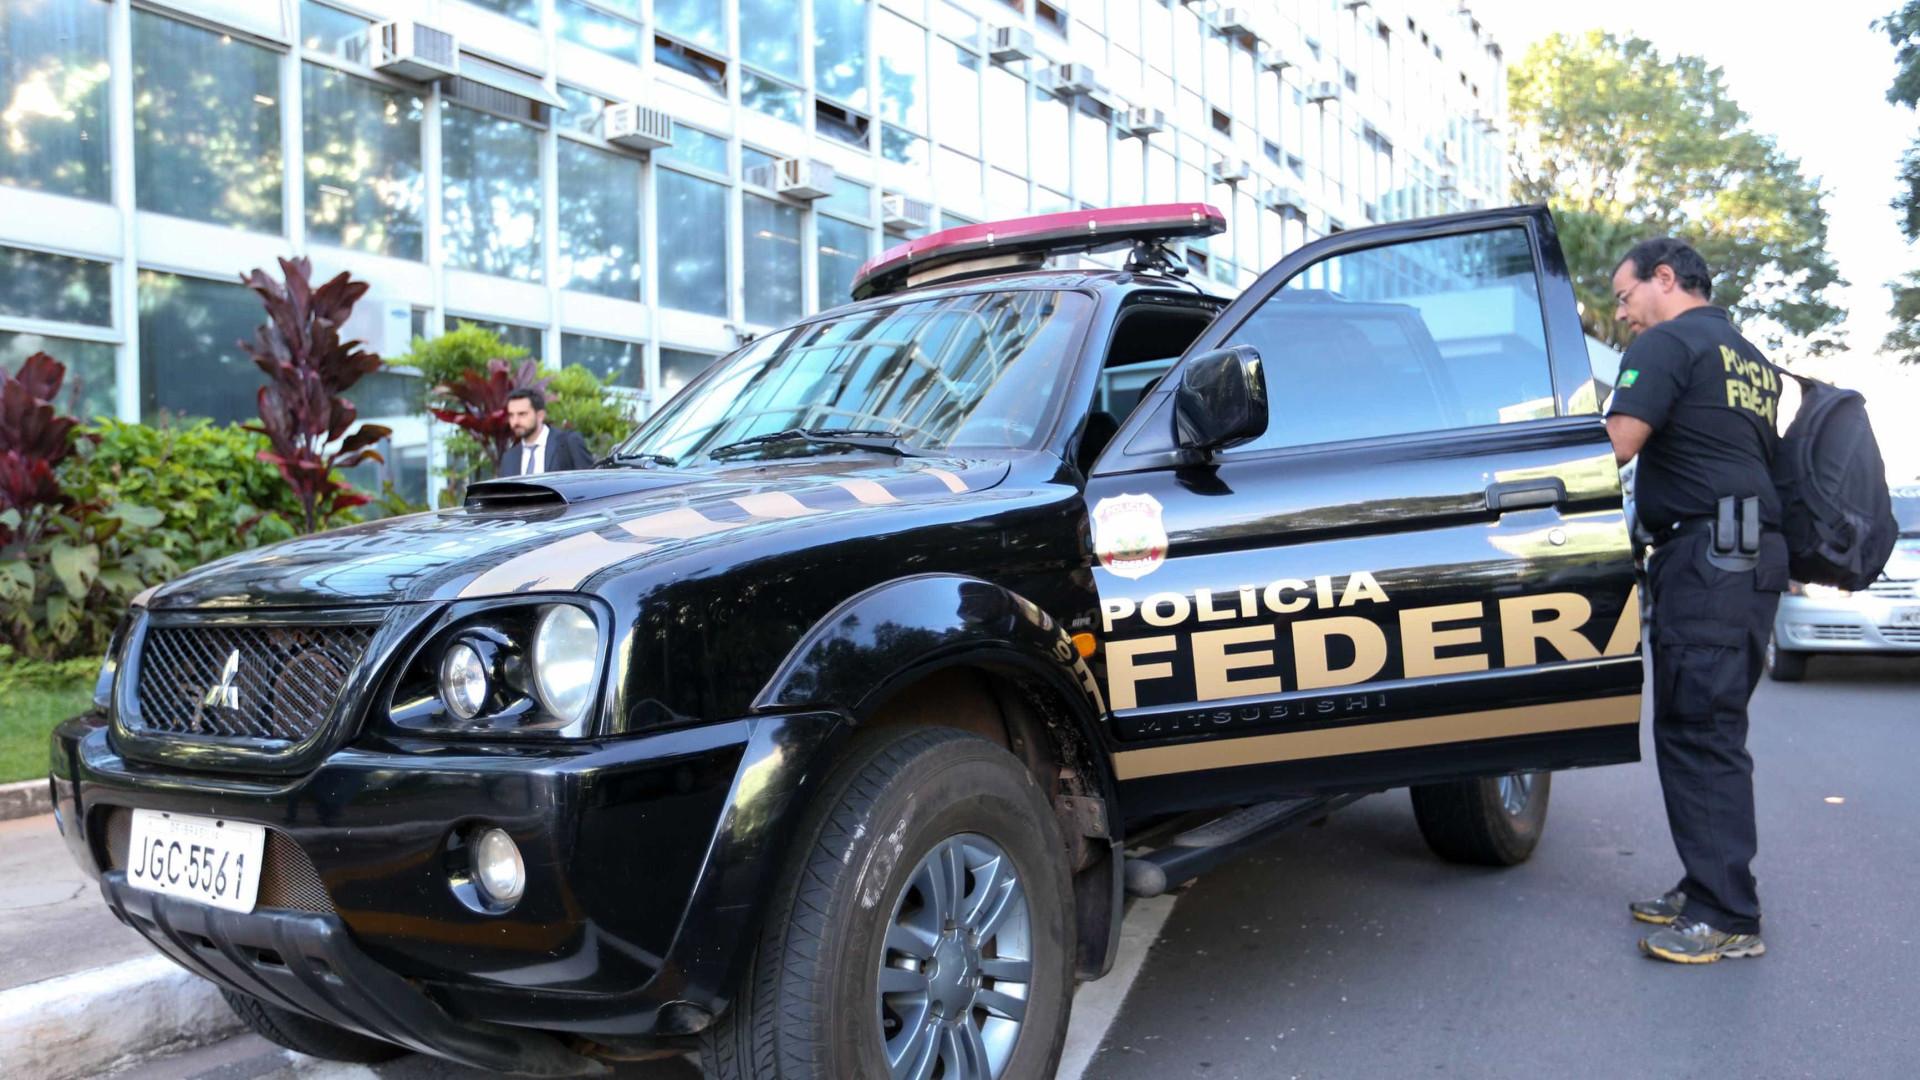 Estudo com agentes da PF aponta 'assédio moral e terror psicológico'